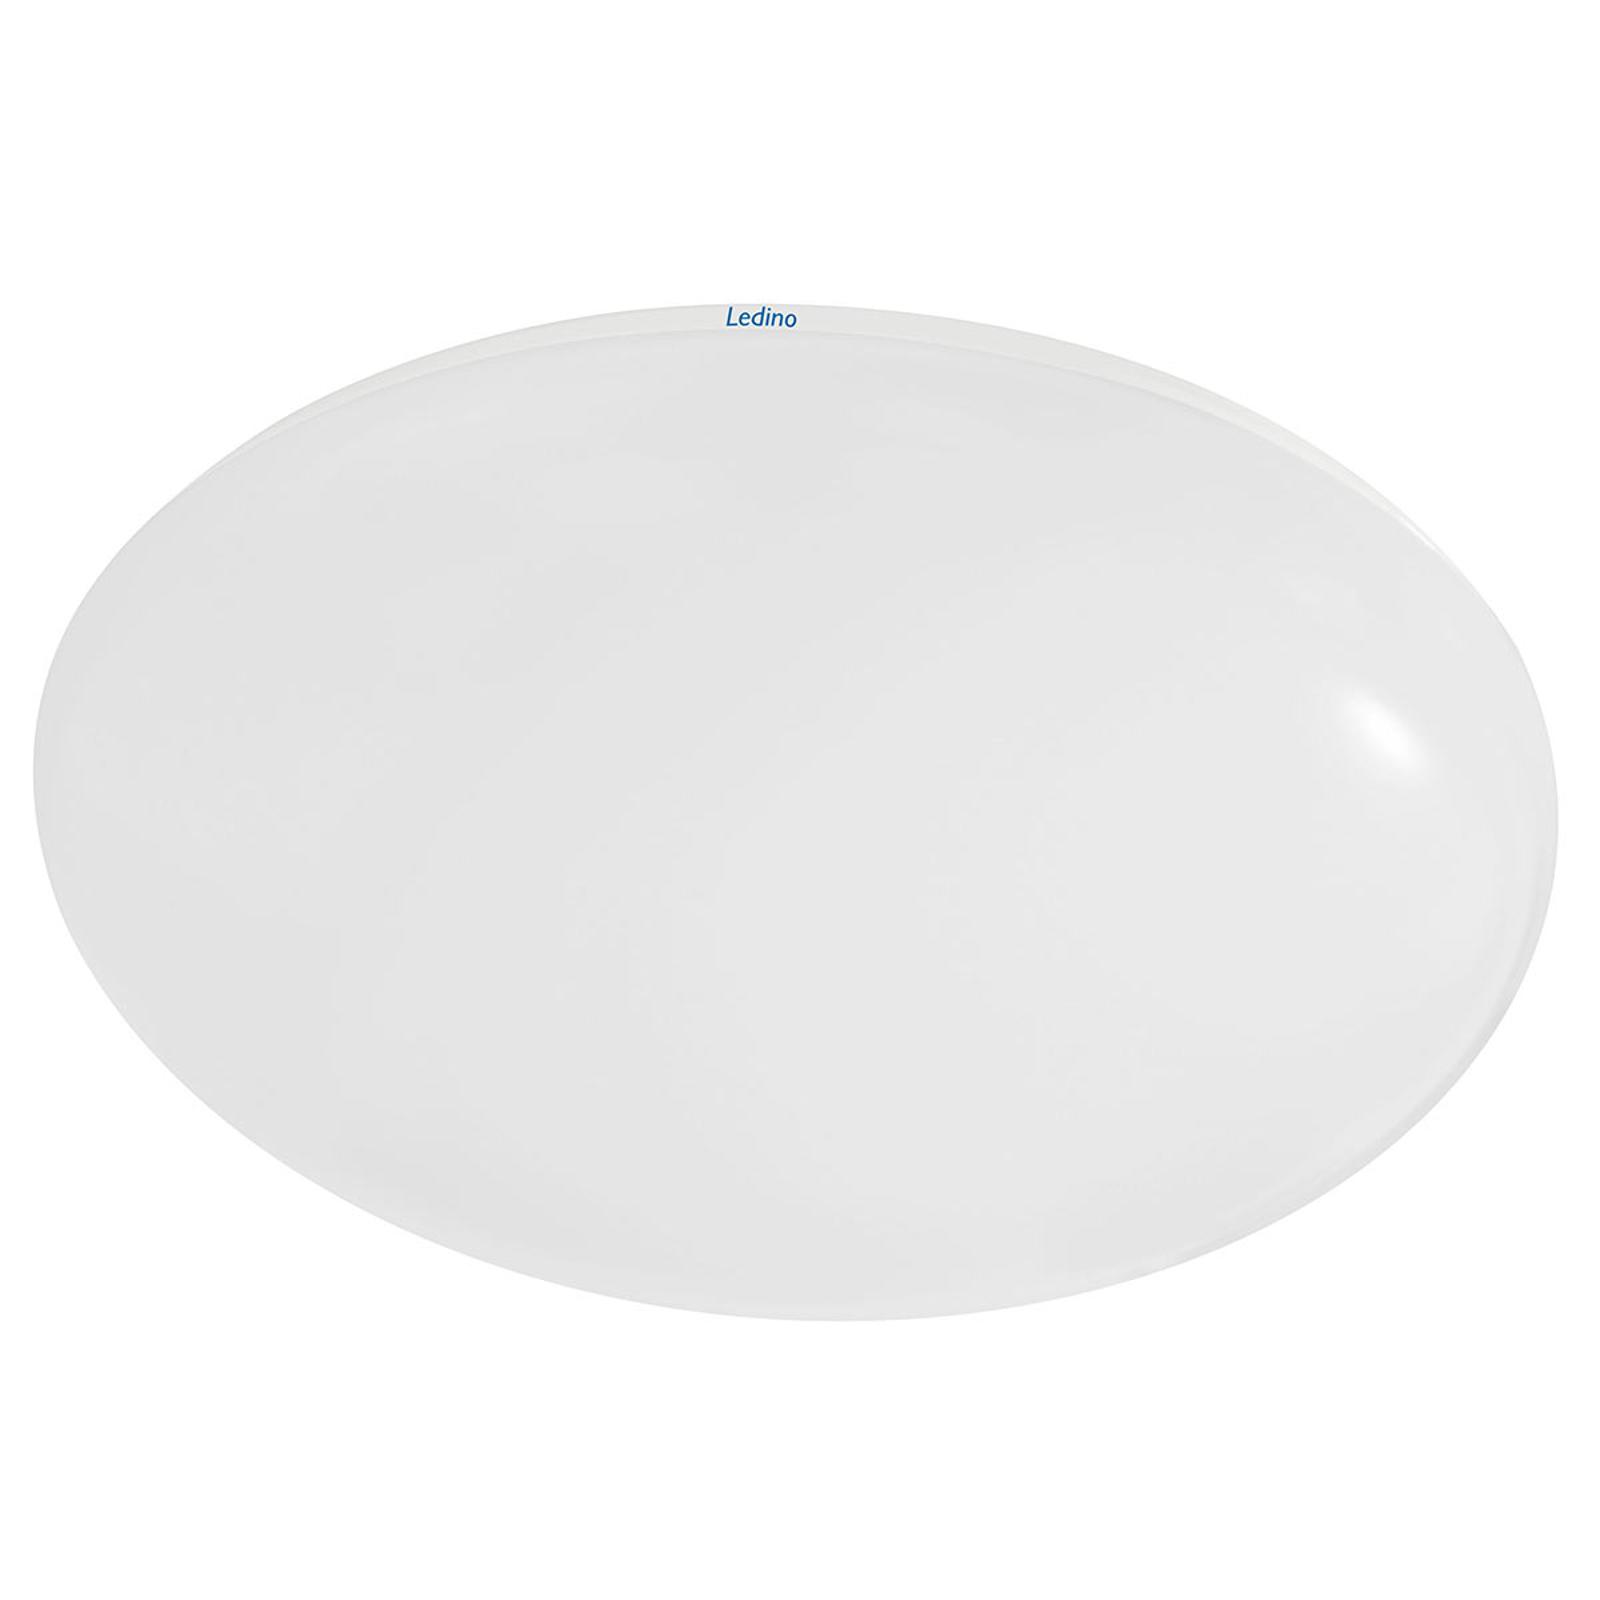 Lampa sufitowa LED Altona, Ø38,5cm 1.950lm 4000K